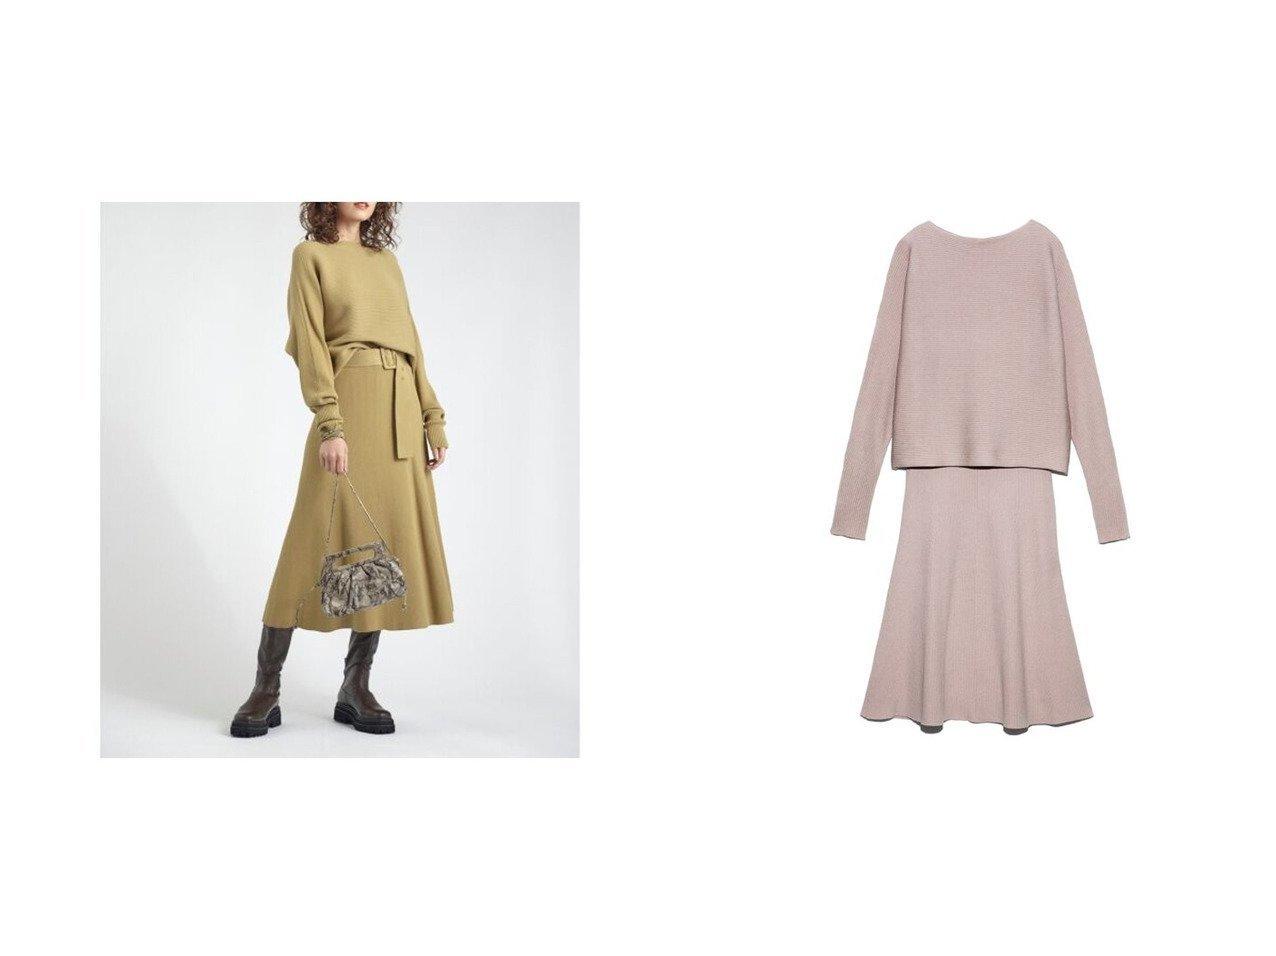 【Mila Owen/ミラオーウェン】のベルト付横編みニットセットアップ おすすめ!人気トレンド・レディースファッションの通販  おすすめで人気のファッション通販商品 インテリア・家具・キッズファッション・メンズファッション・レディースファッション・服の通販 founy(ファニー) https://founy.com/ ファッション Fashion レディース WOMEN トップス Tops Tshirt ニット Knit Tops ベルト Belts スマート セットアップ セパレート トレンド フレア マーメイド  ID:crp329100000006755